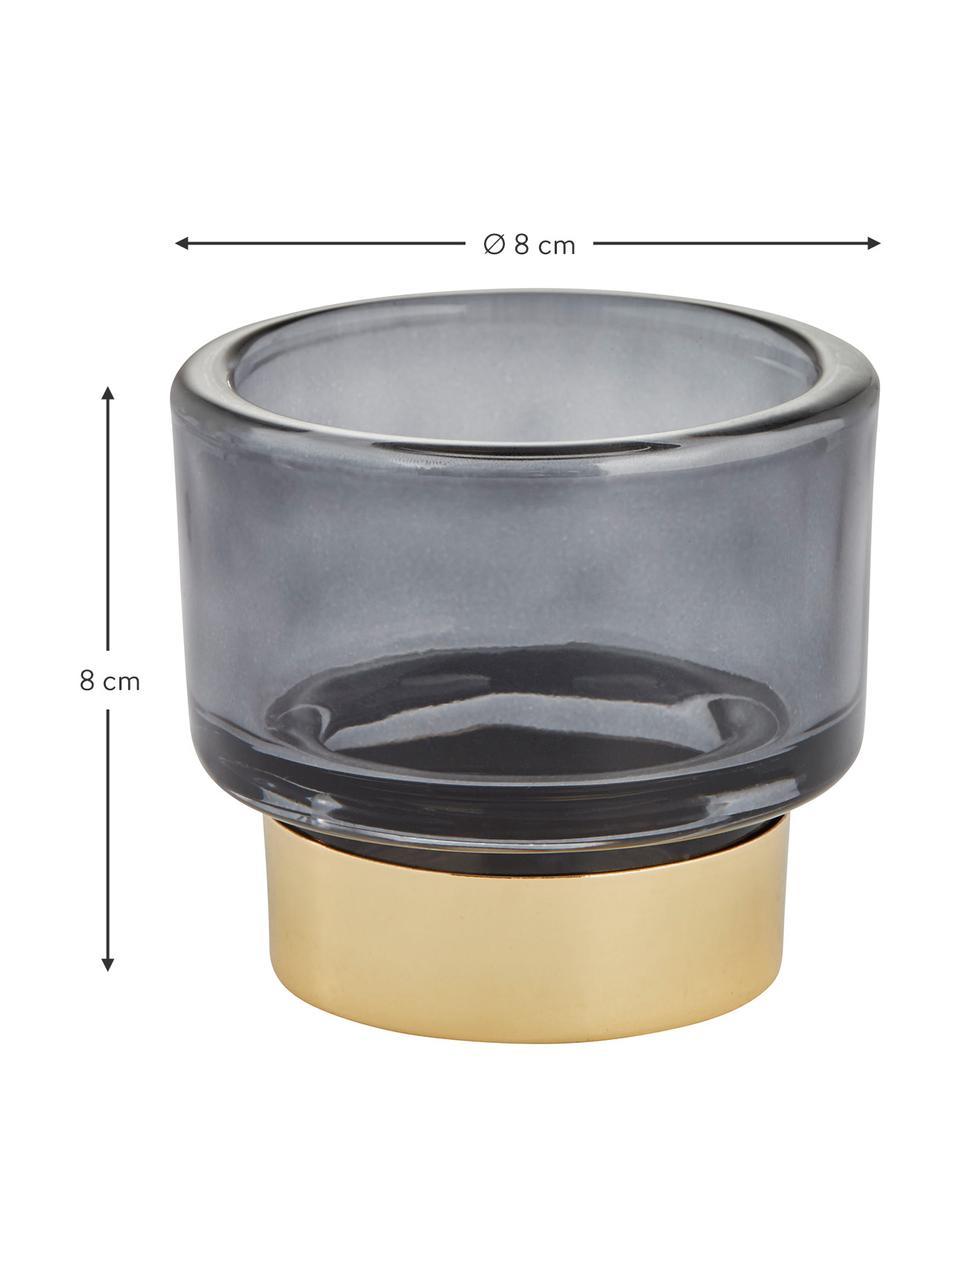 Bougeoir en verre fait main Miy, Gris foncé, transparent, couleur dorée